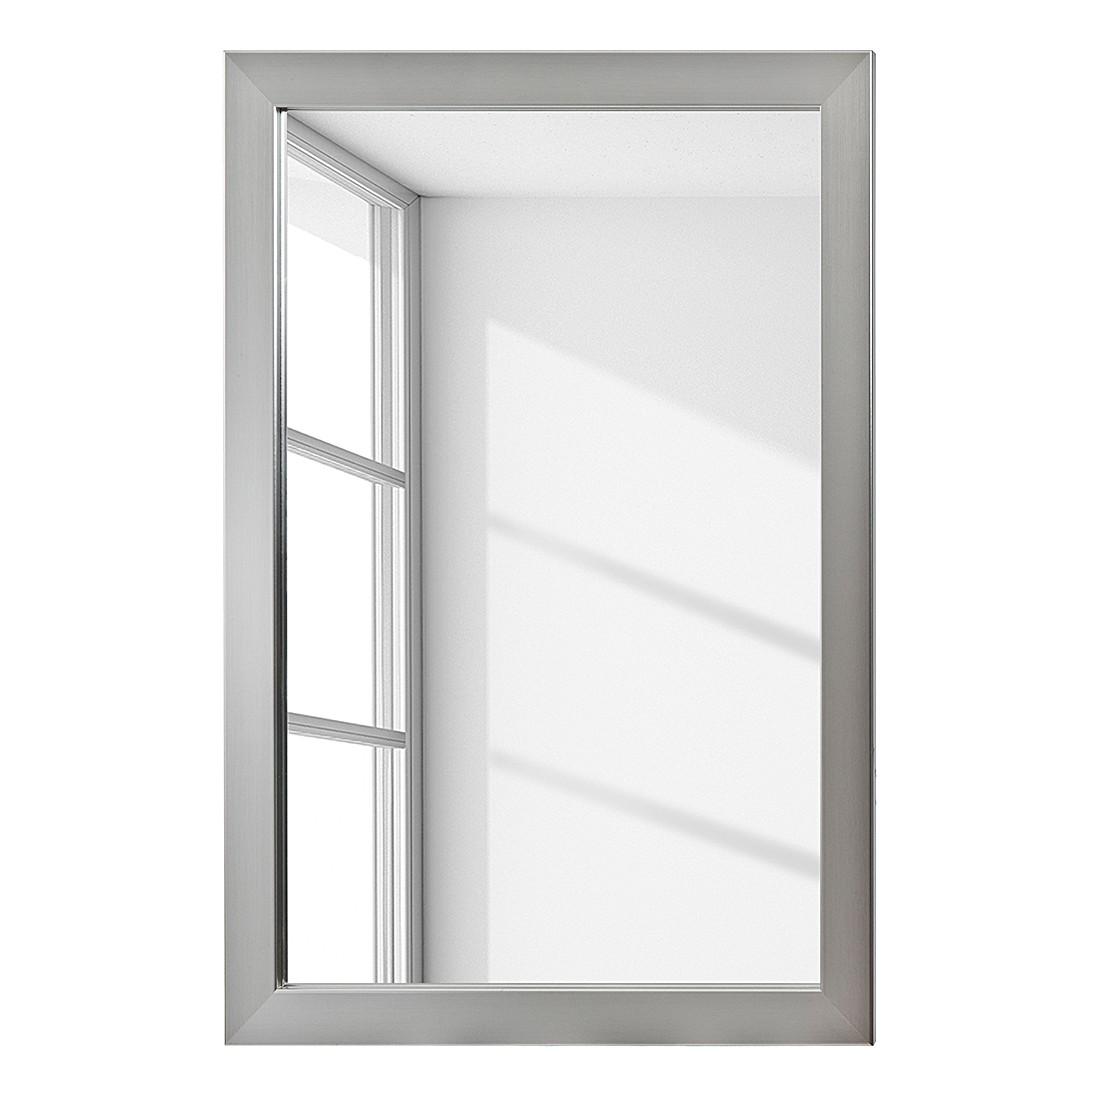 Spiegel Skön I – 78 x 55 cm – Edelstahloptik, Jack & Alice jetzt kaufen